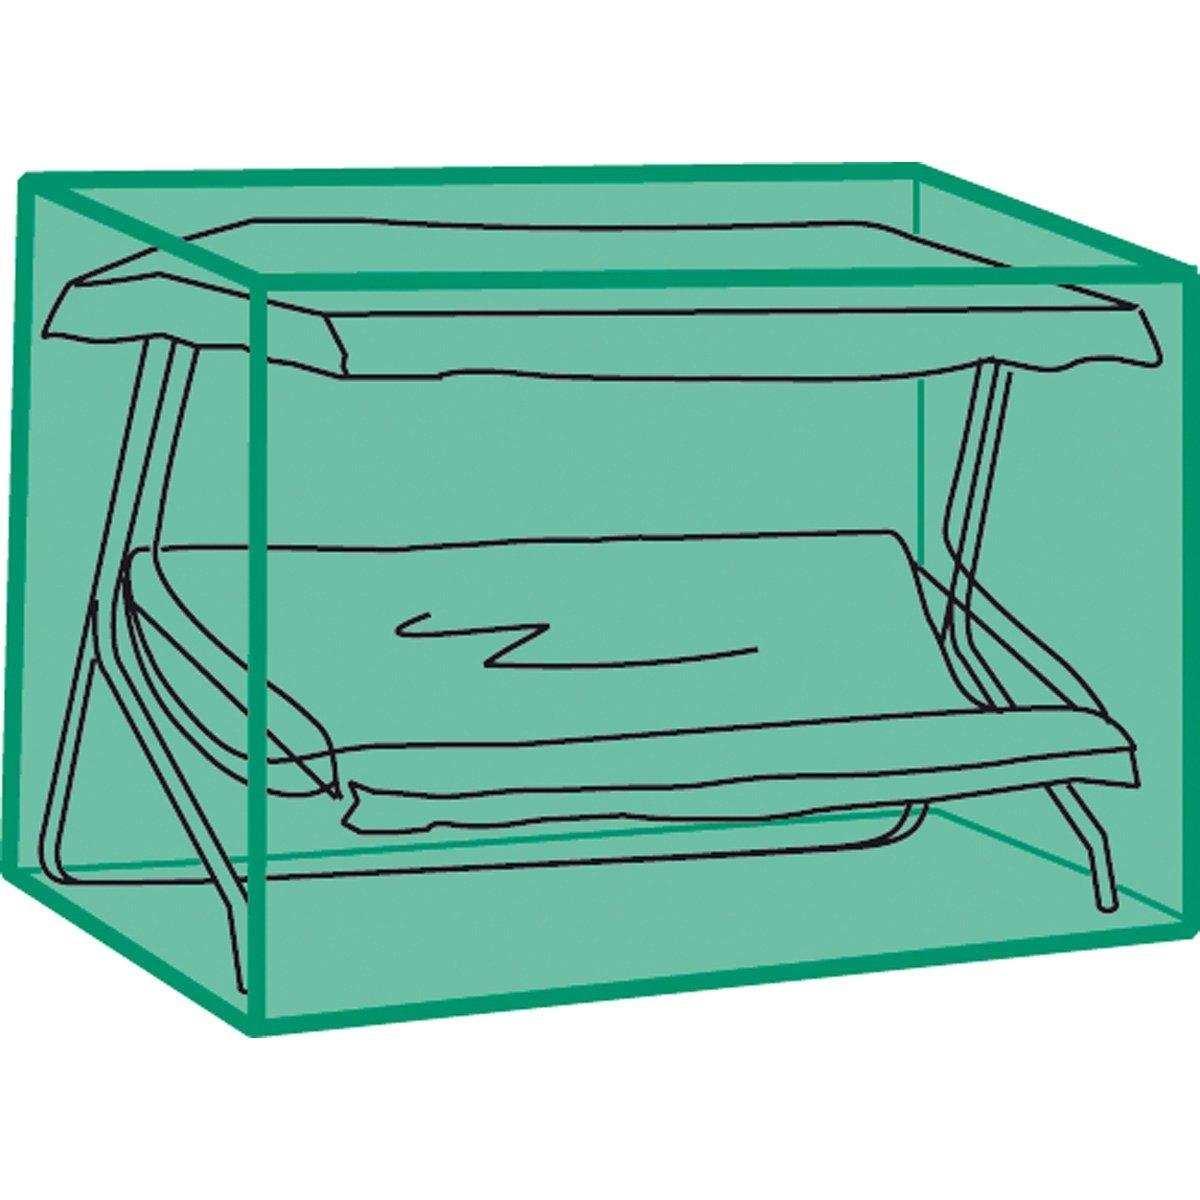 Чехол для садовой мебелиЭтот сверхпрочный чехол служит для защиты садовой мебели и качелей от пыли и неблагоприятных погодных условий. Отличается практичностью и легкостью складывания (специально разработанная система складывания чехла). Высокое качество материала, герметичность, неподверженность гниению. Описание чехла :- Выполнен из спаянного полиэтилена.- Нержавеющие люверсы.- Система быстрого складывания.- Цвет зеленый полупрозрачный.Подходит для использования с любыми моделями садовых качелей .<br><br>Цвет: зеленый